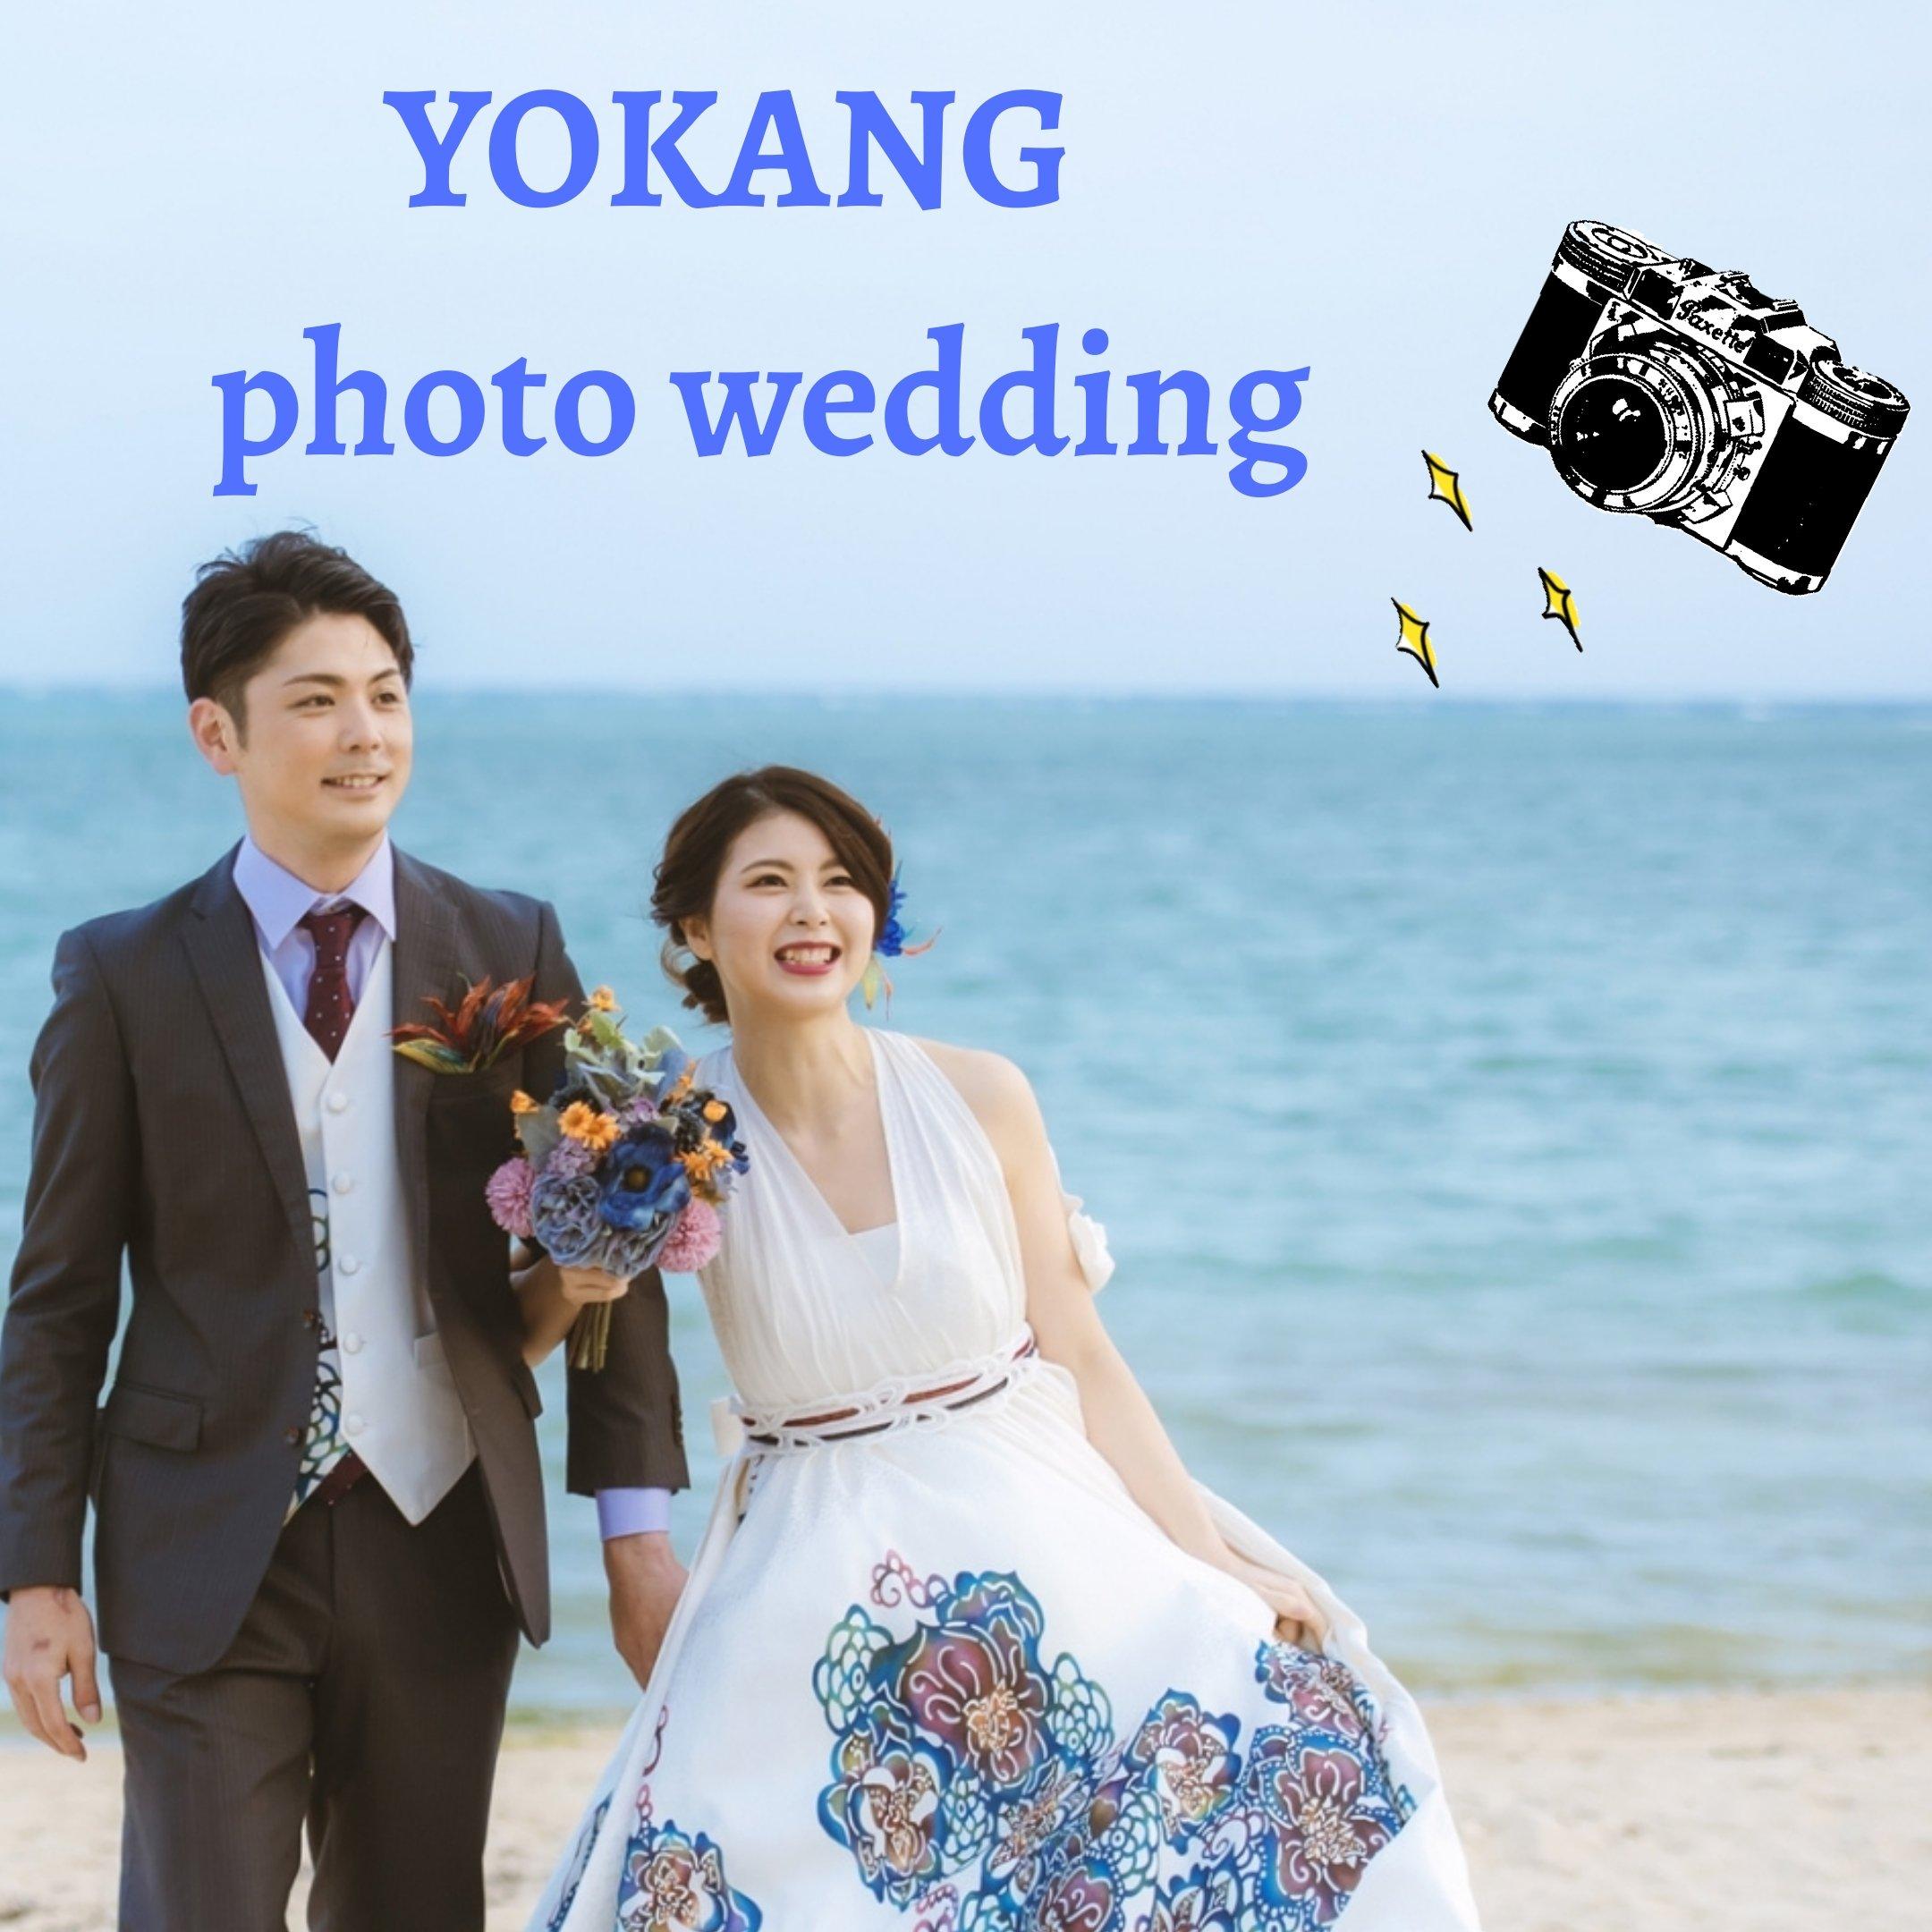 【H様専用】YOKANGスタジオフォトウェディング撮影(データ納品のみ)のイメージその1